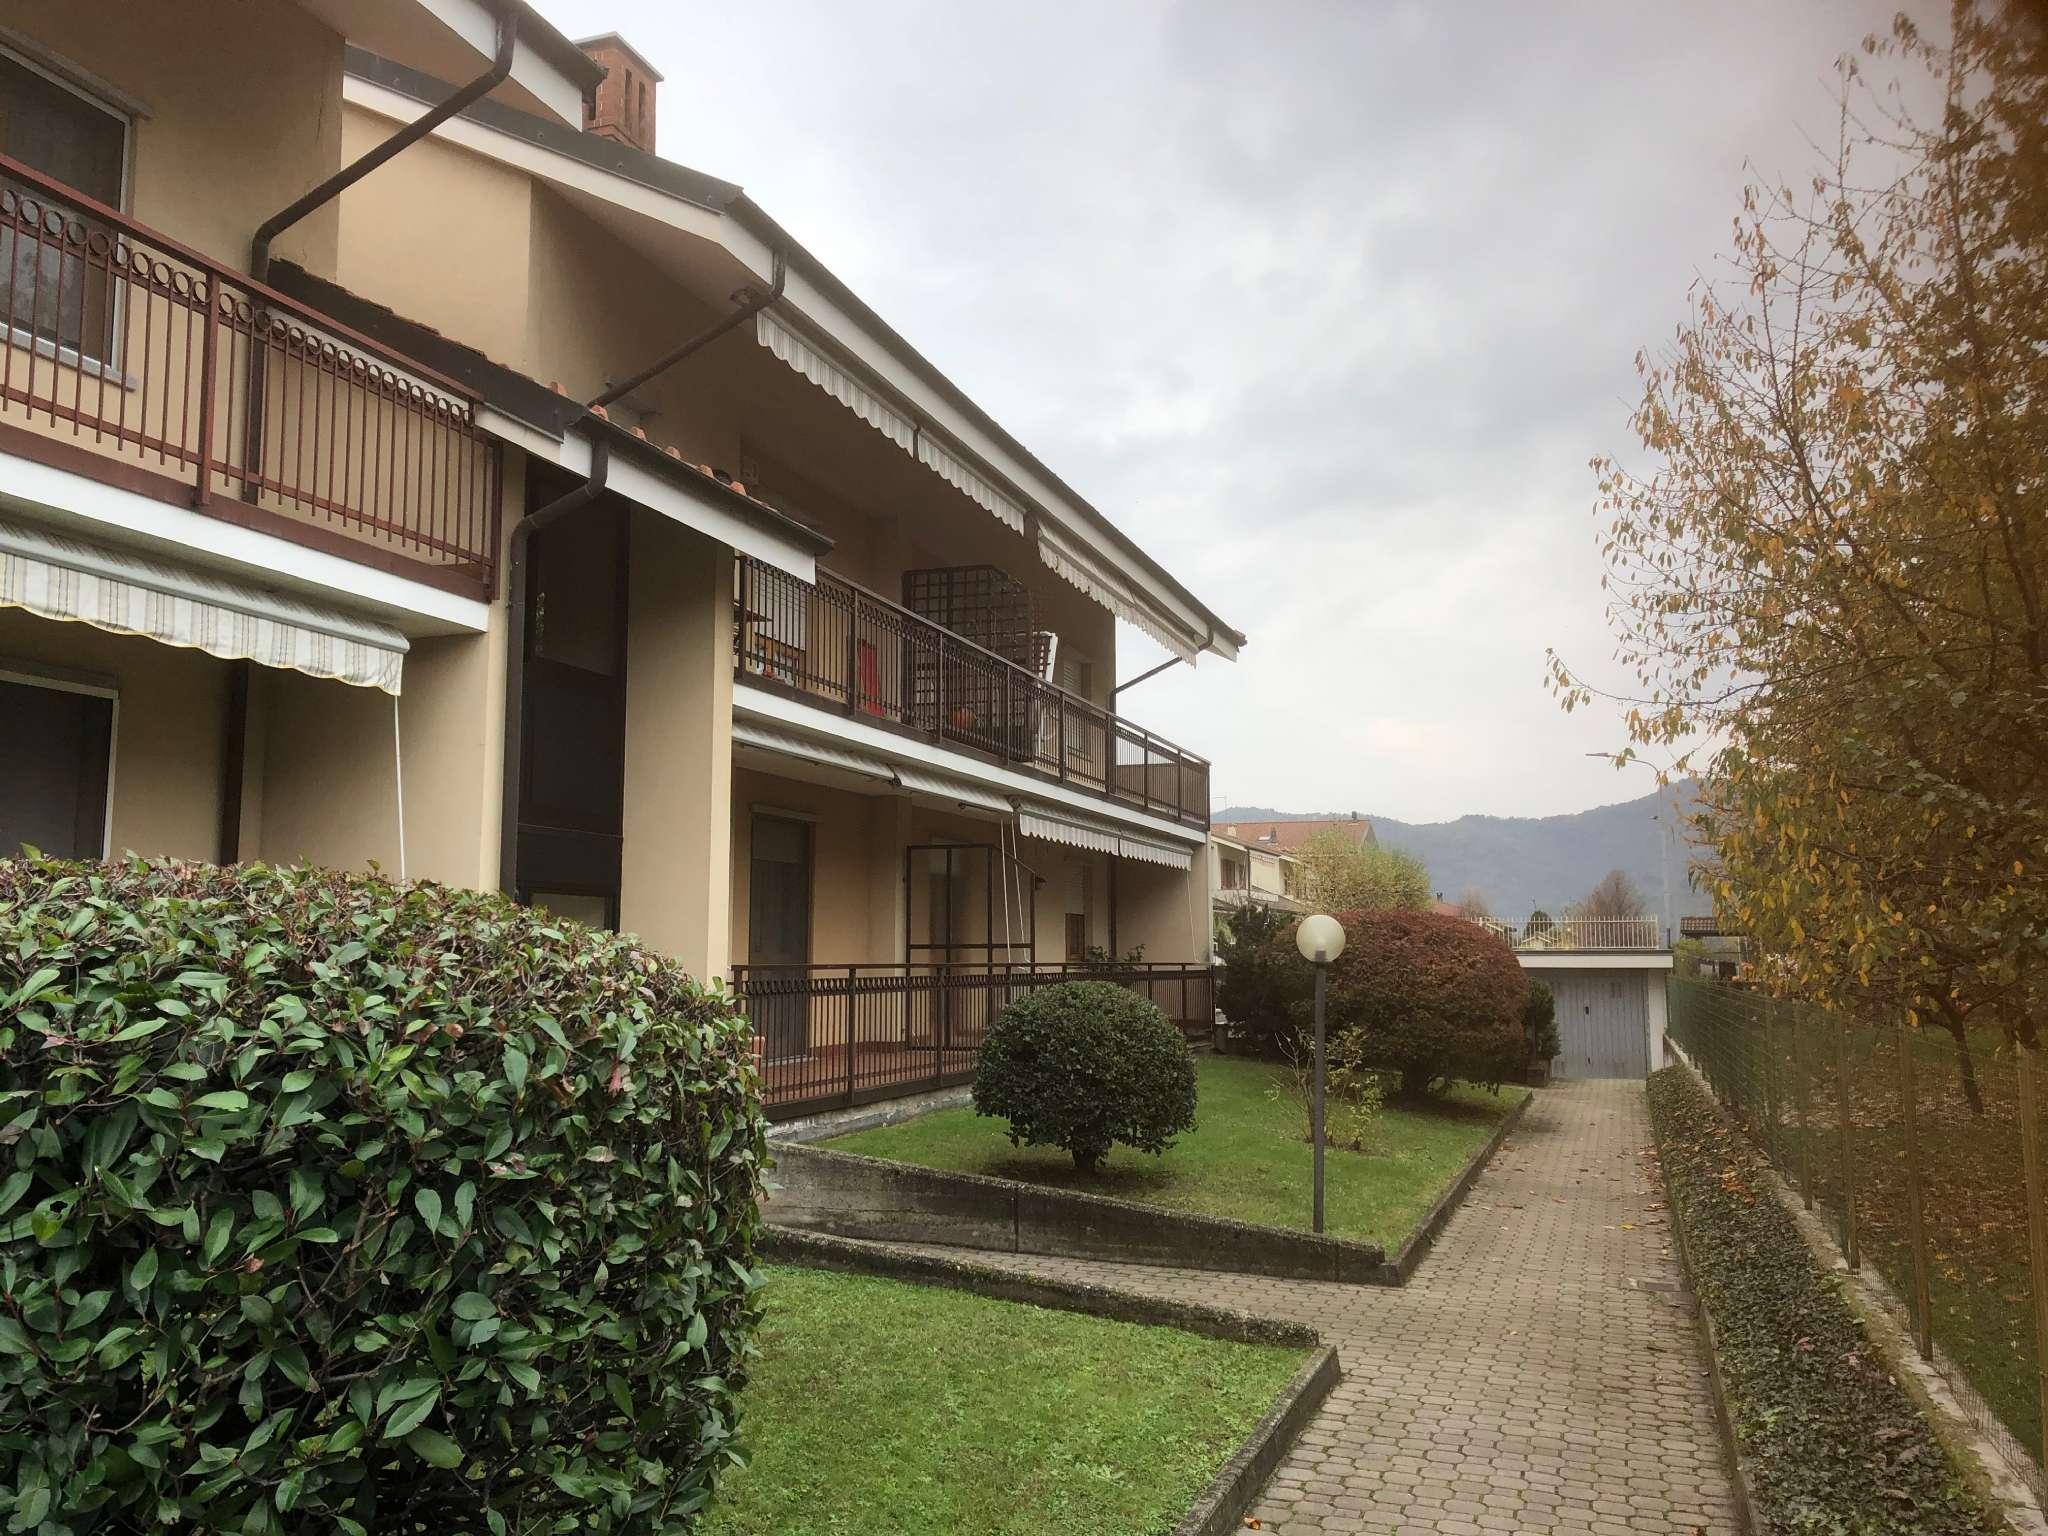 Appartamento in vendita a Giaveno, 5 locali, prezzo € 181.000 | CambioCasa.it